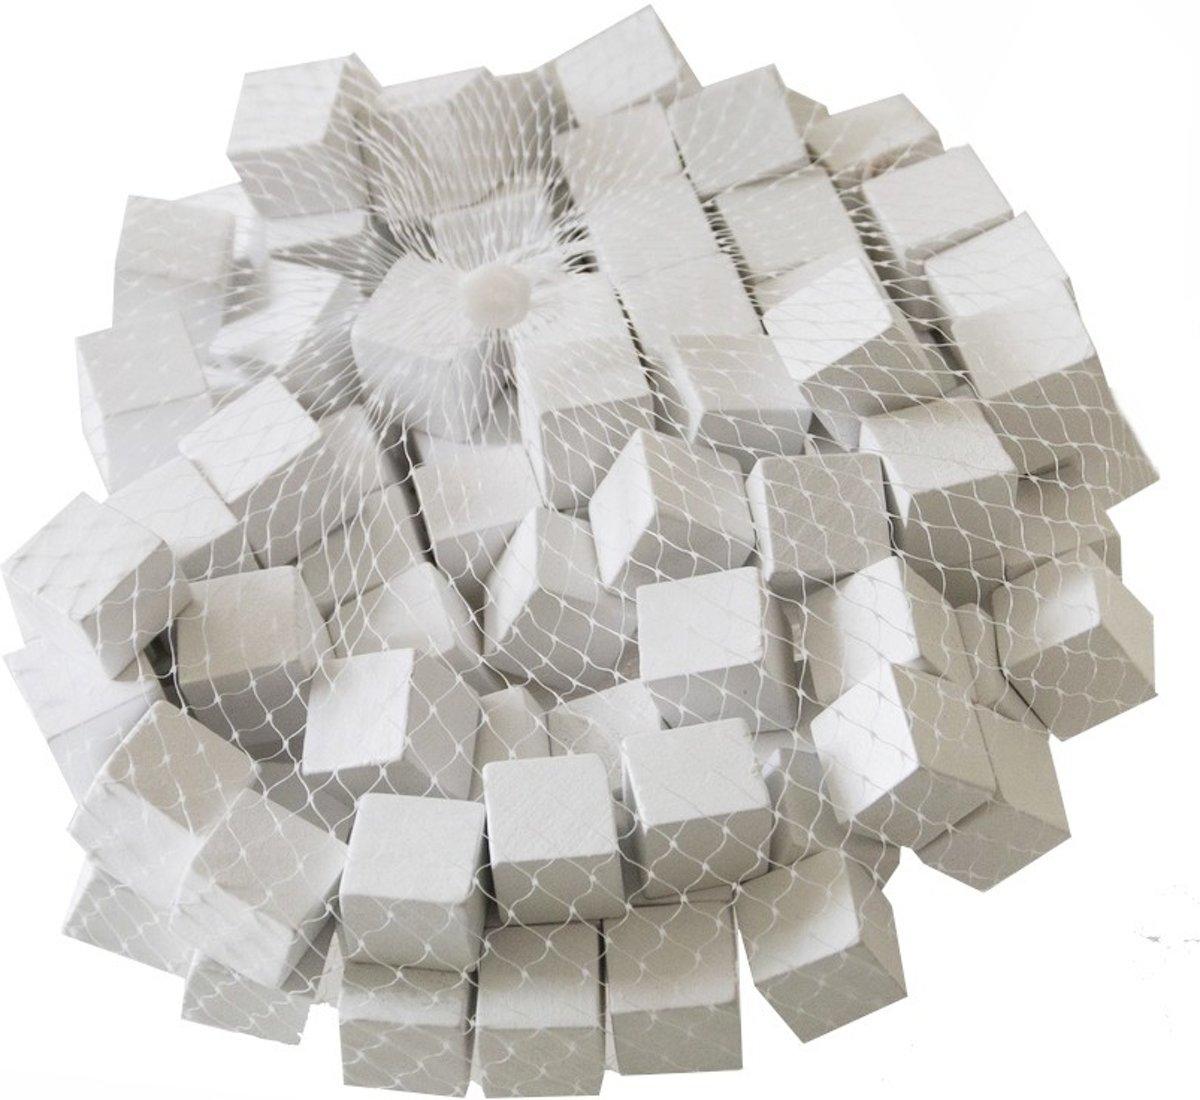 Houten blokjes wit 1,5 cm - set van 400 stuks kopen